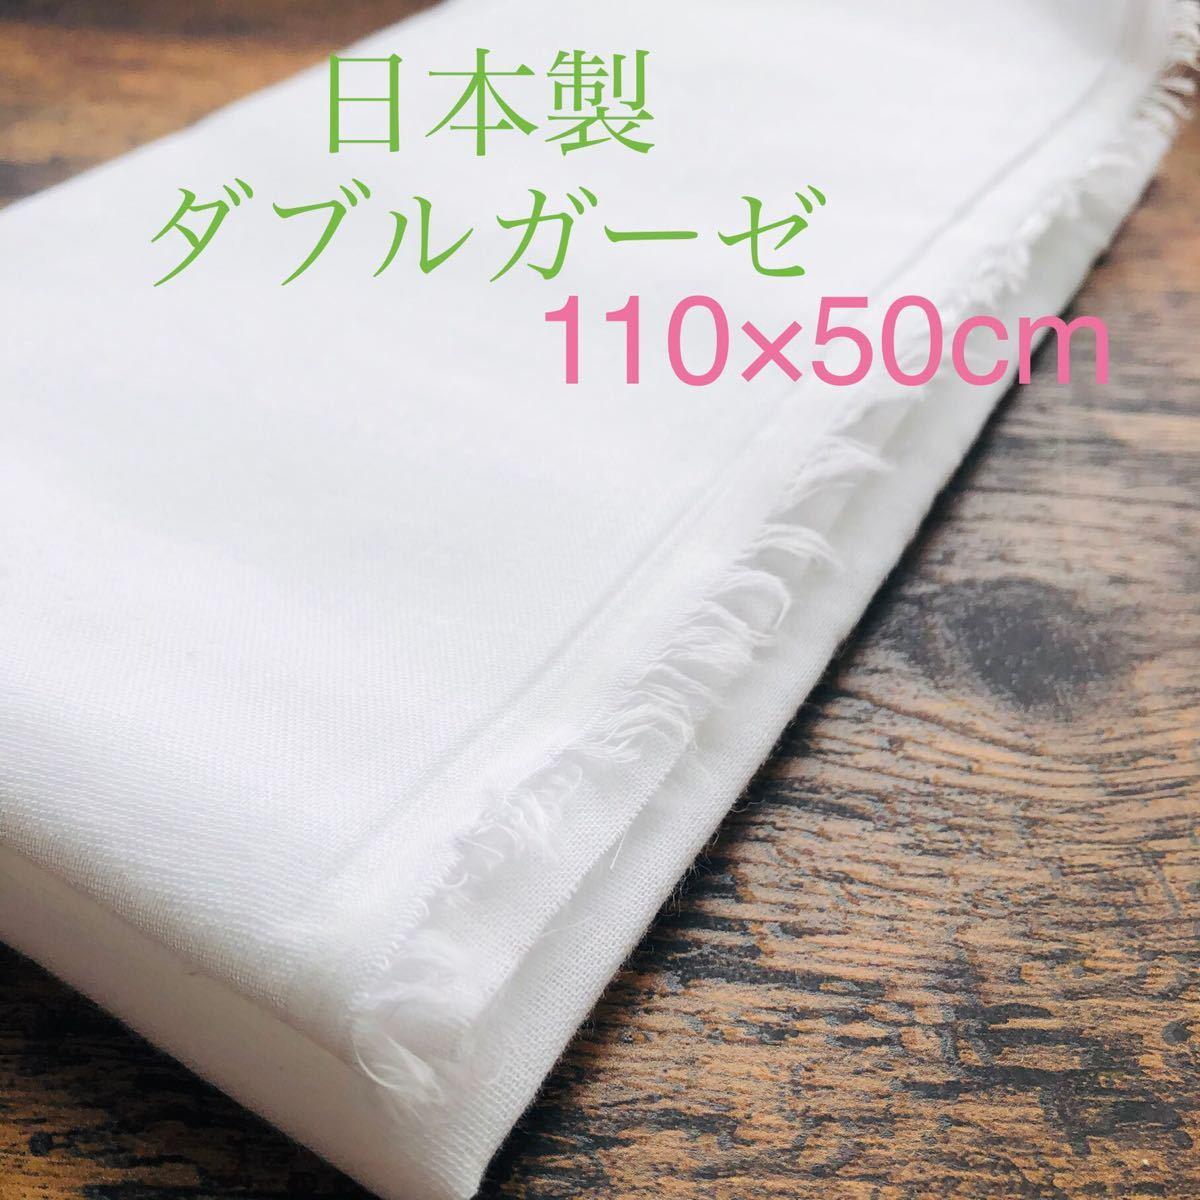 ダブルガーゼ 日本製 高品質  白生地 ハンドメイド材料